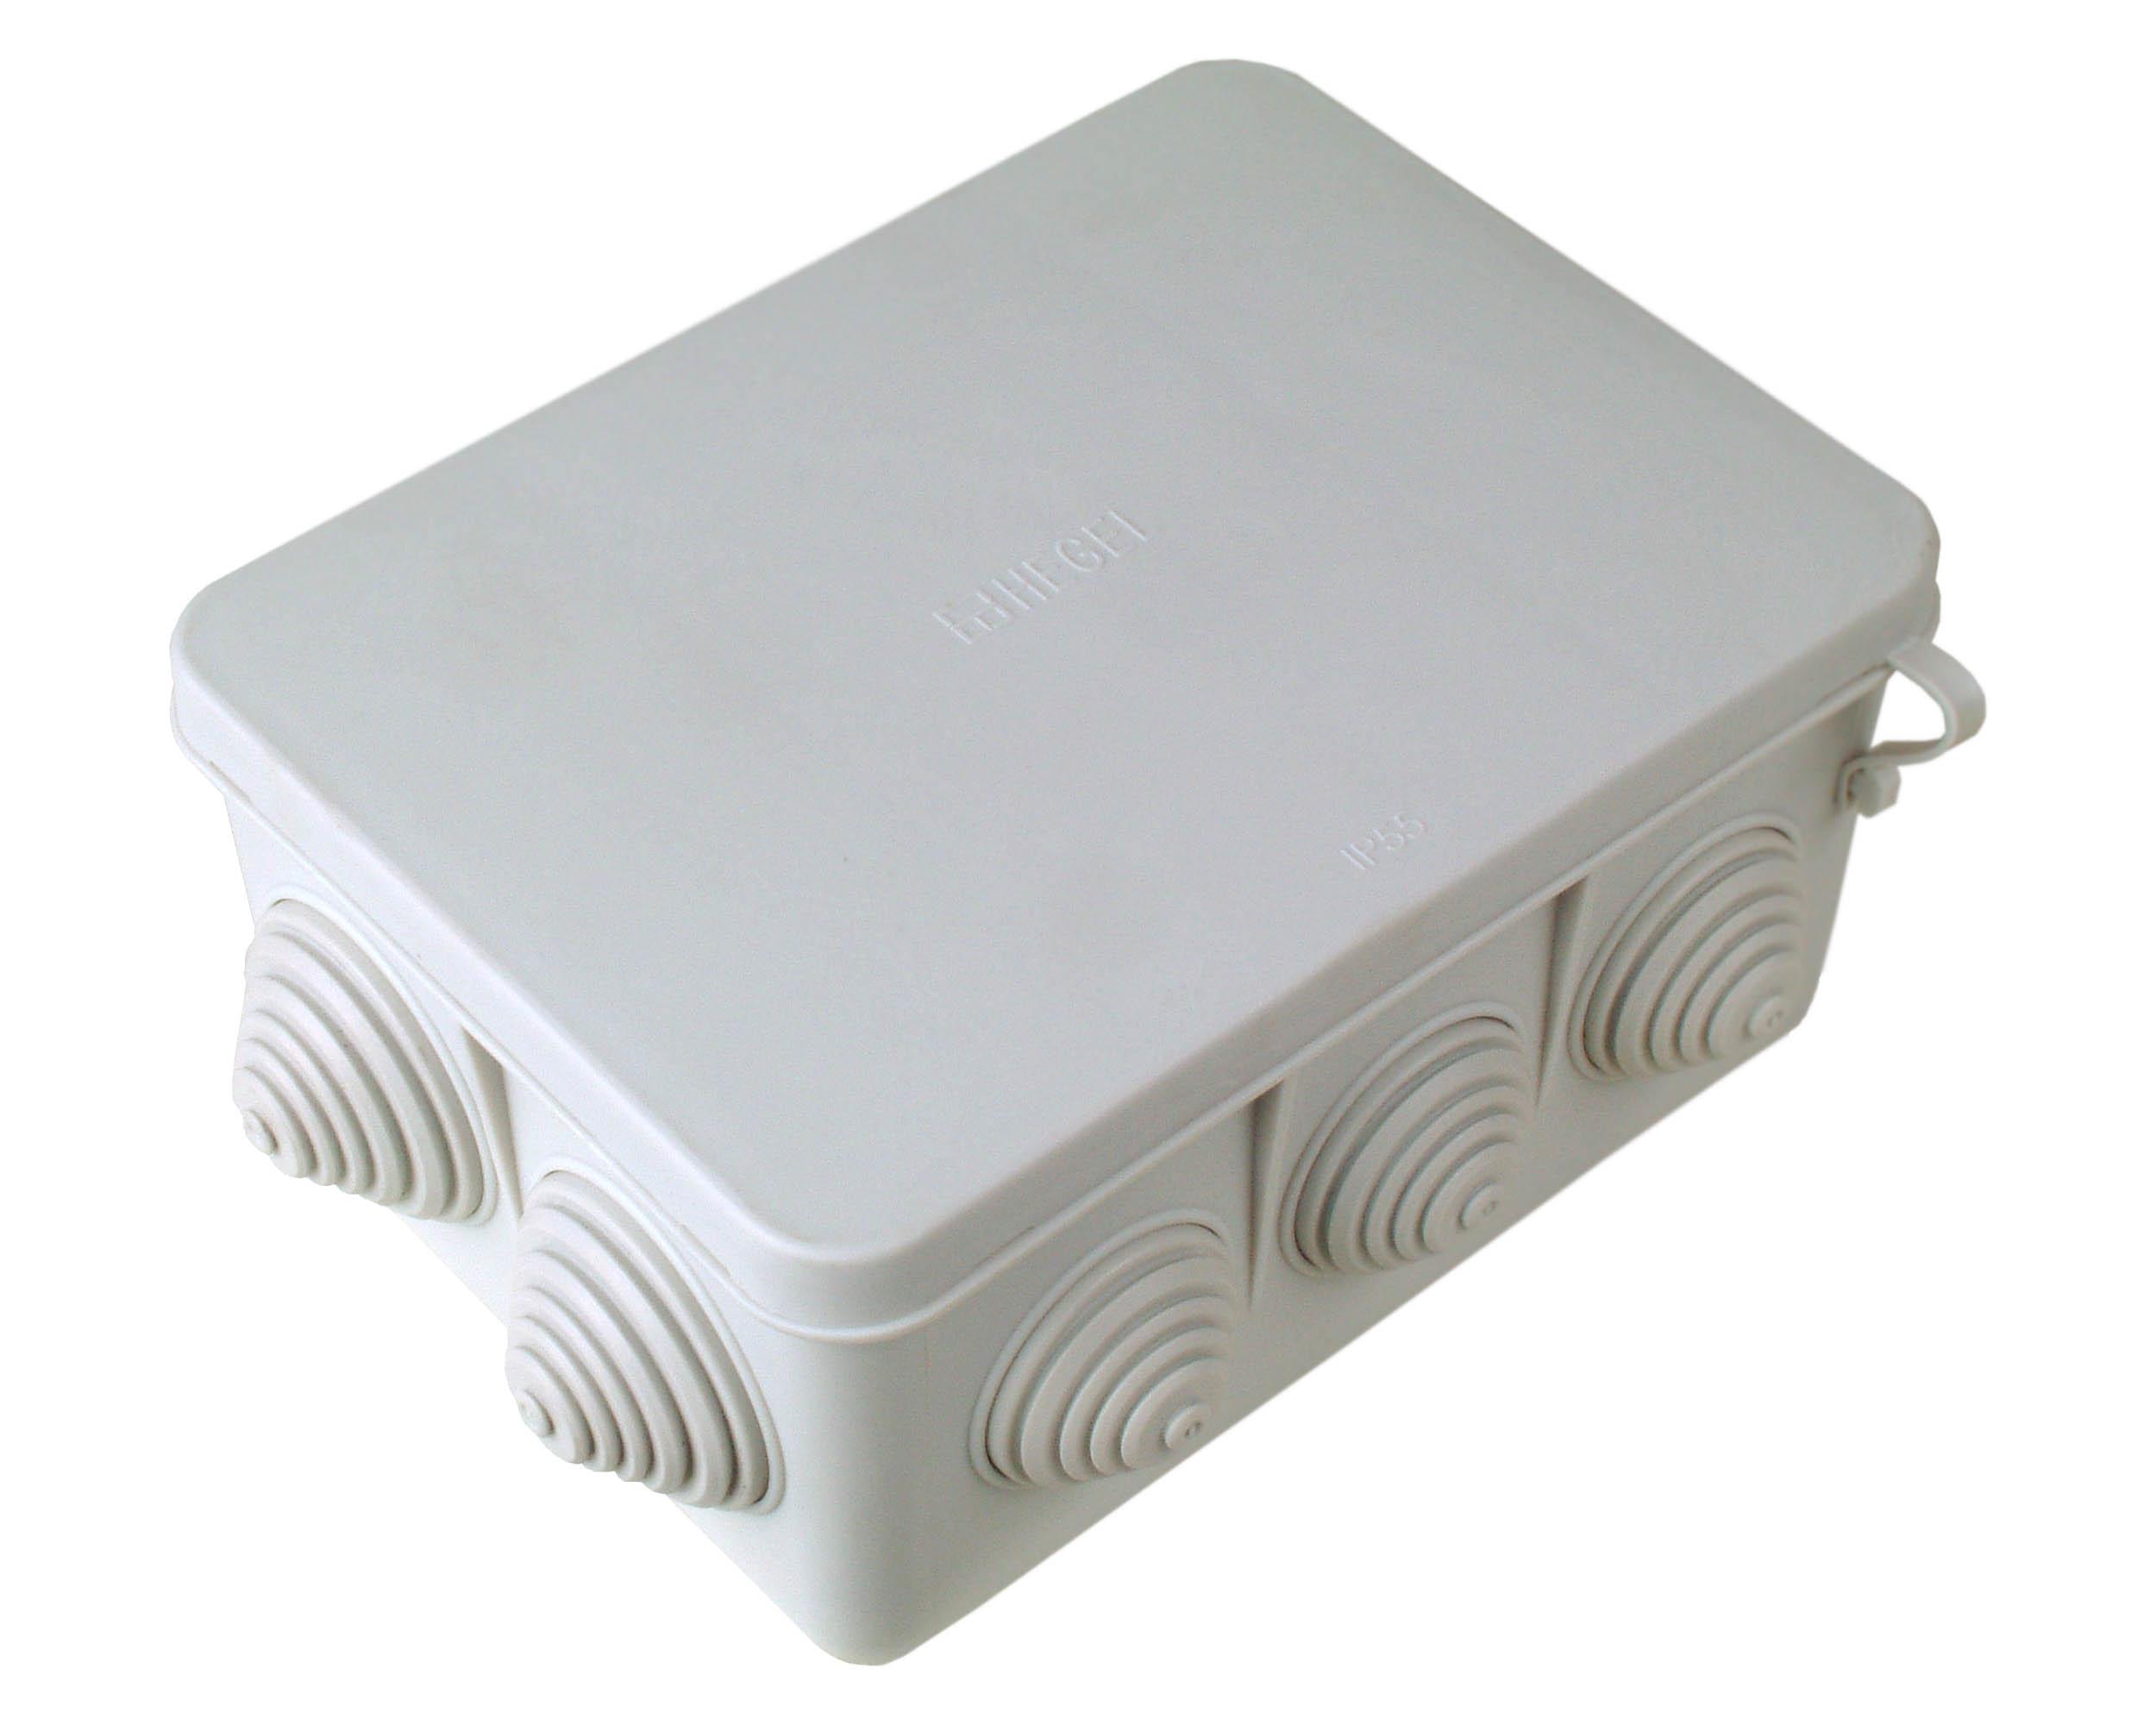 Фото распаечная разветвительная коробка с эластичным входом 4